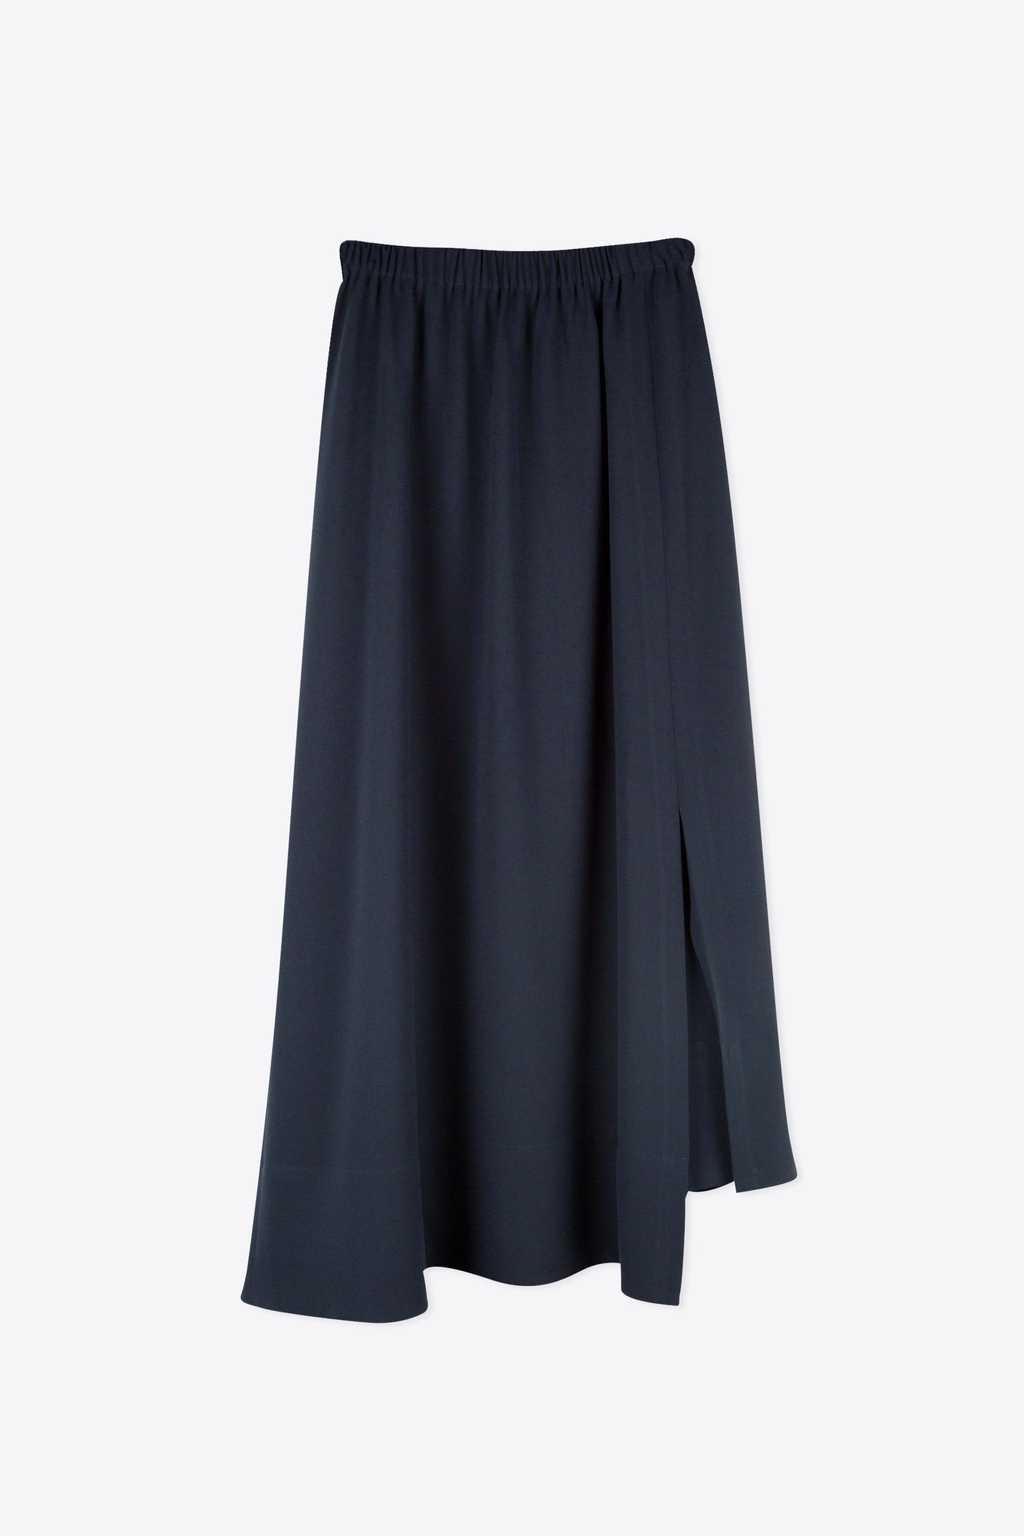 Skirt 1397 Navy 14